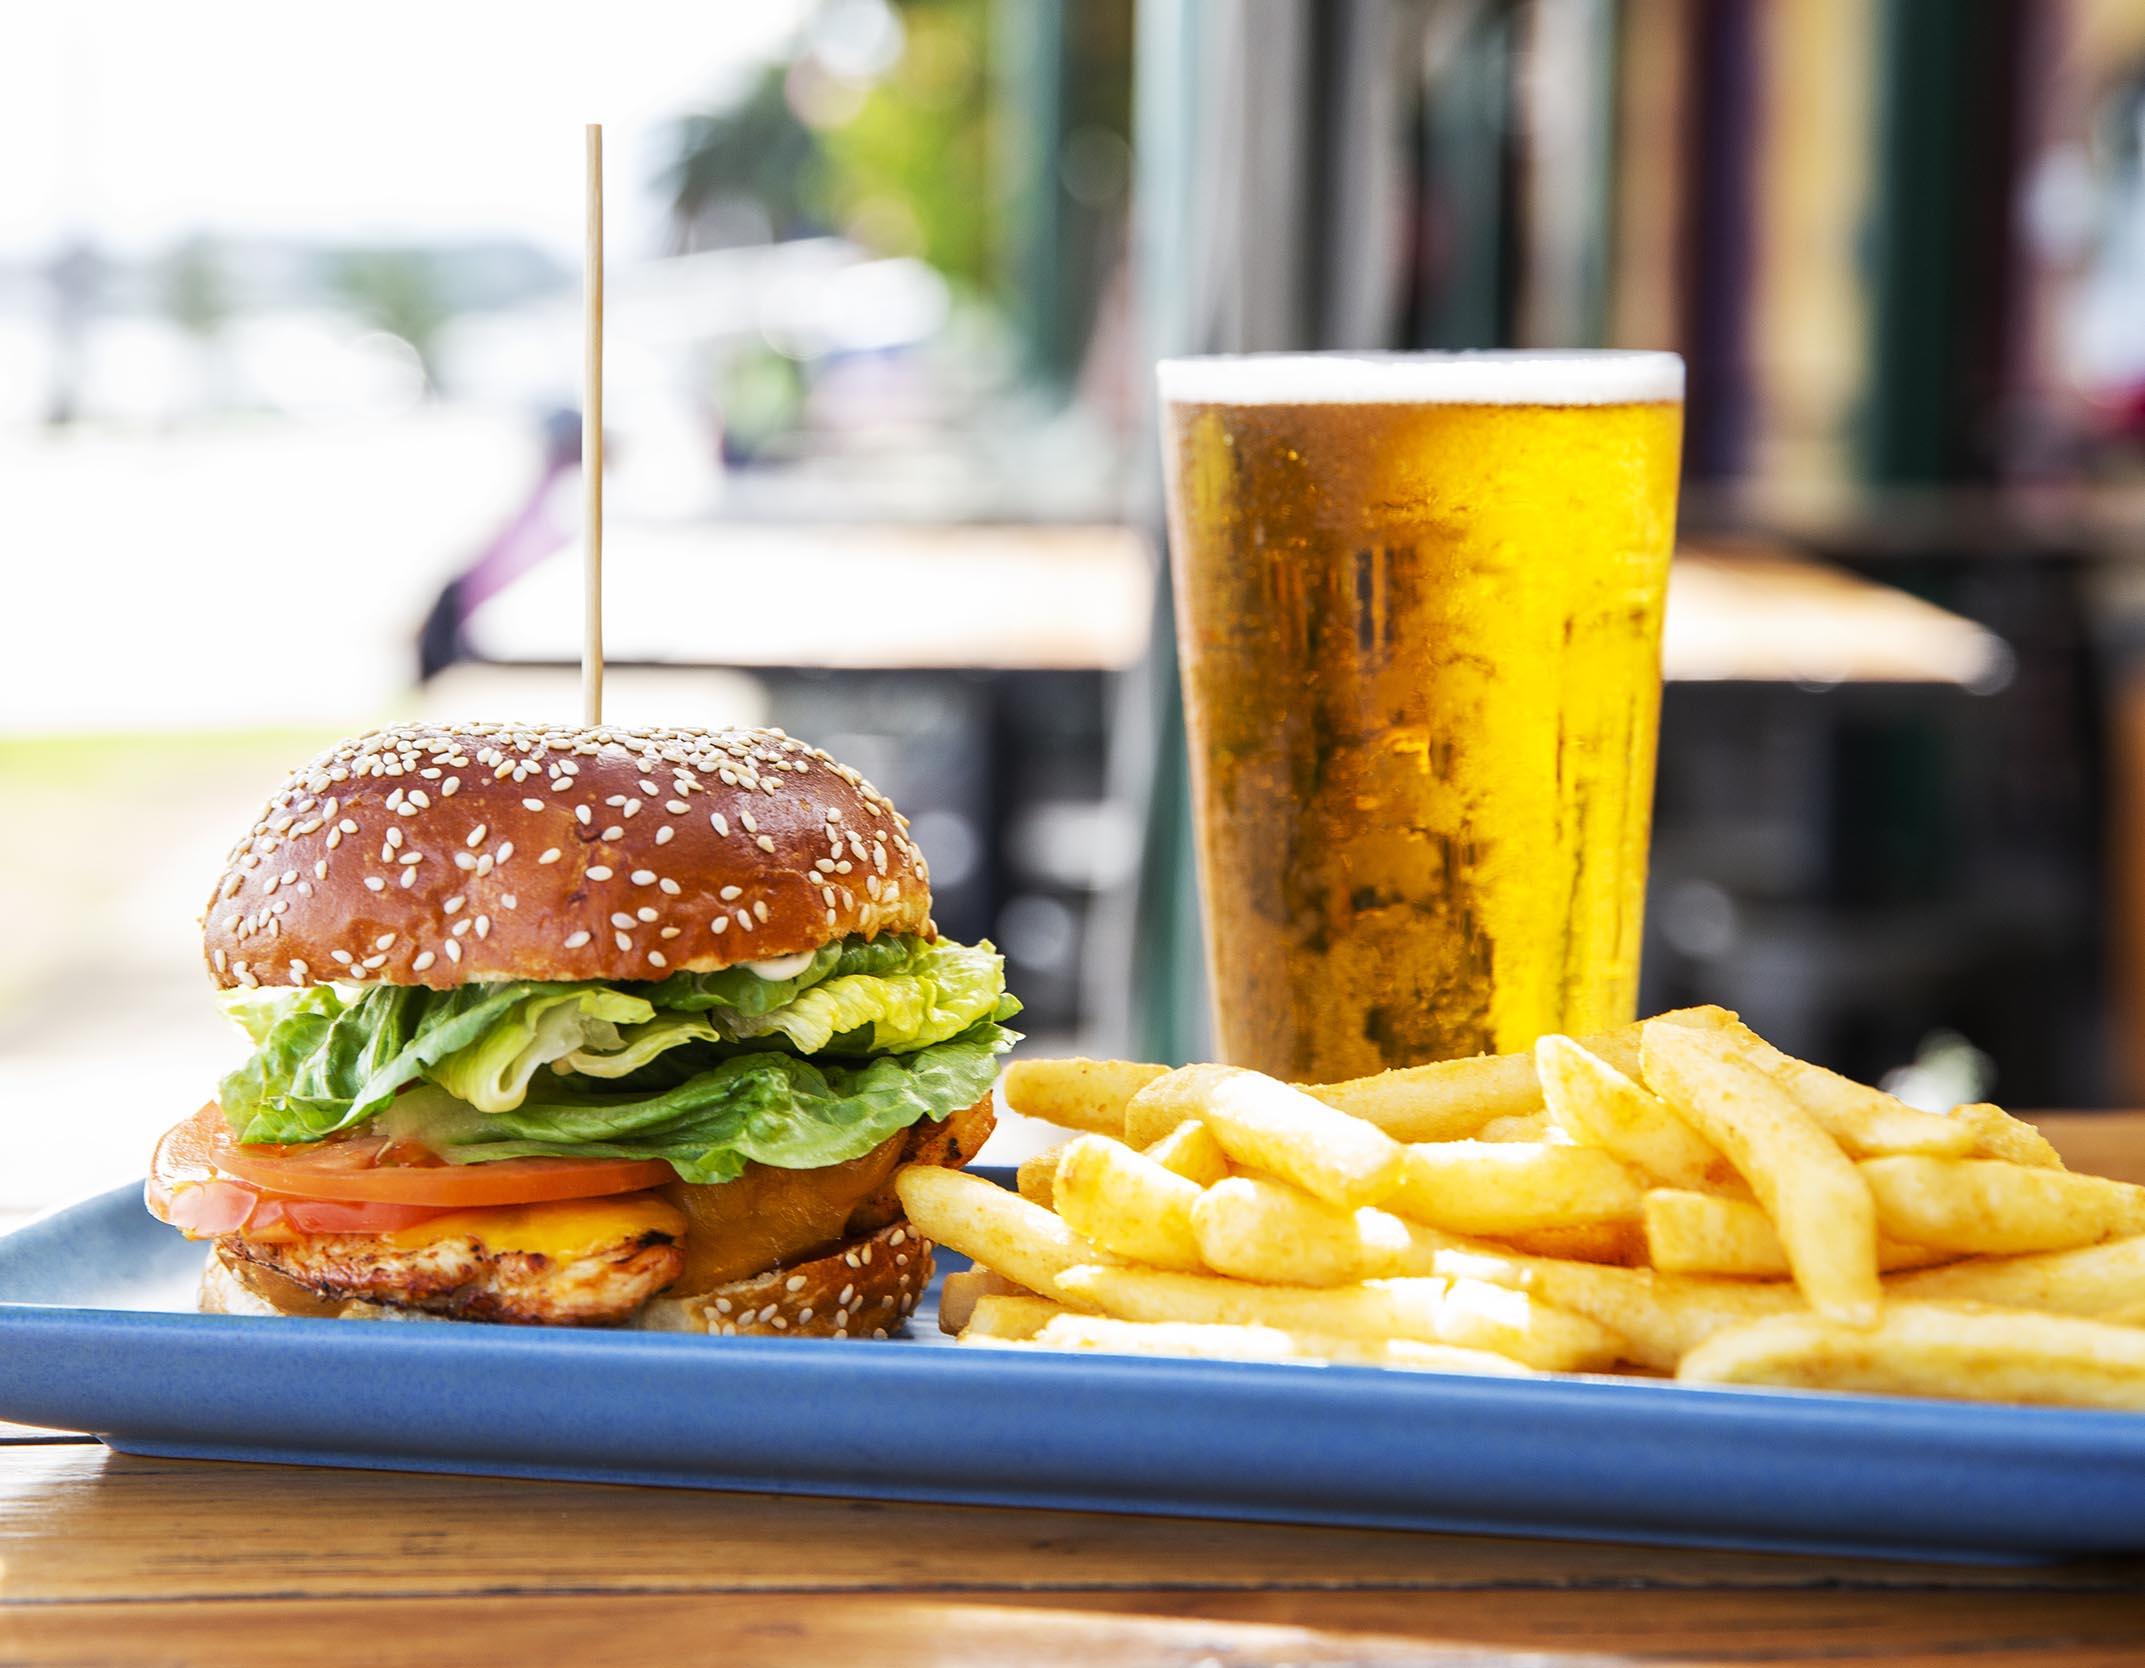 Winter Menu 2021 - Grilled Chicken Burger